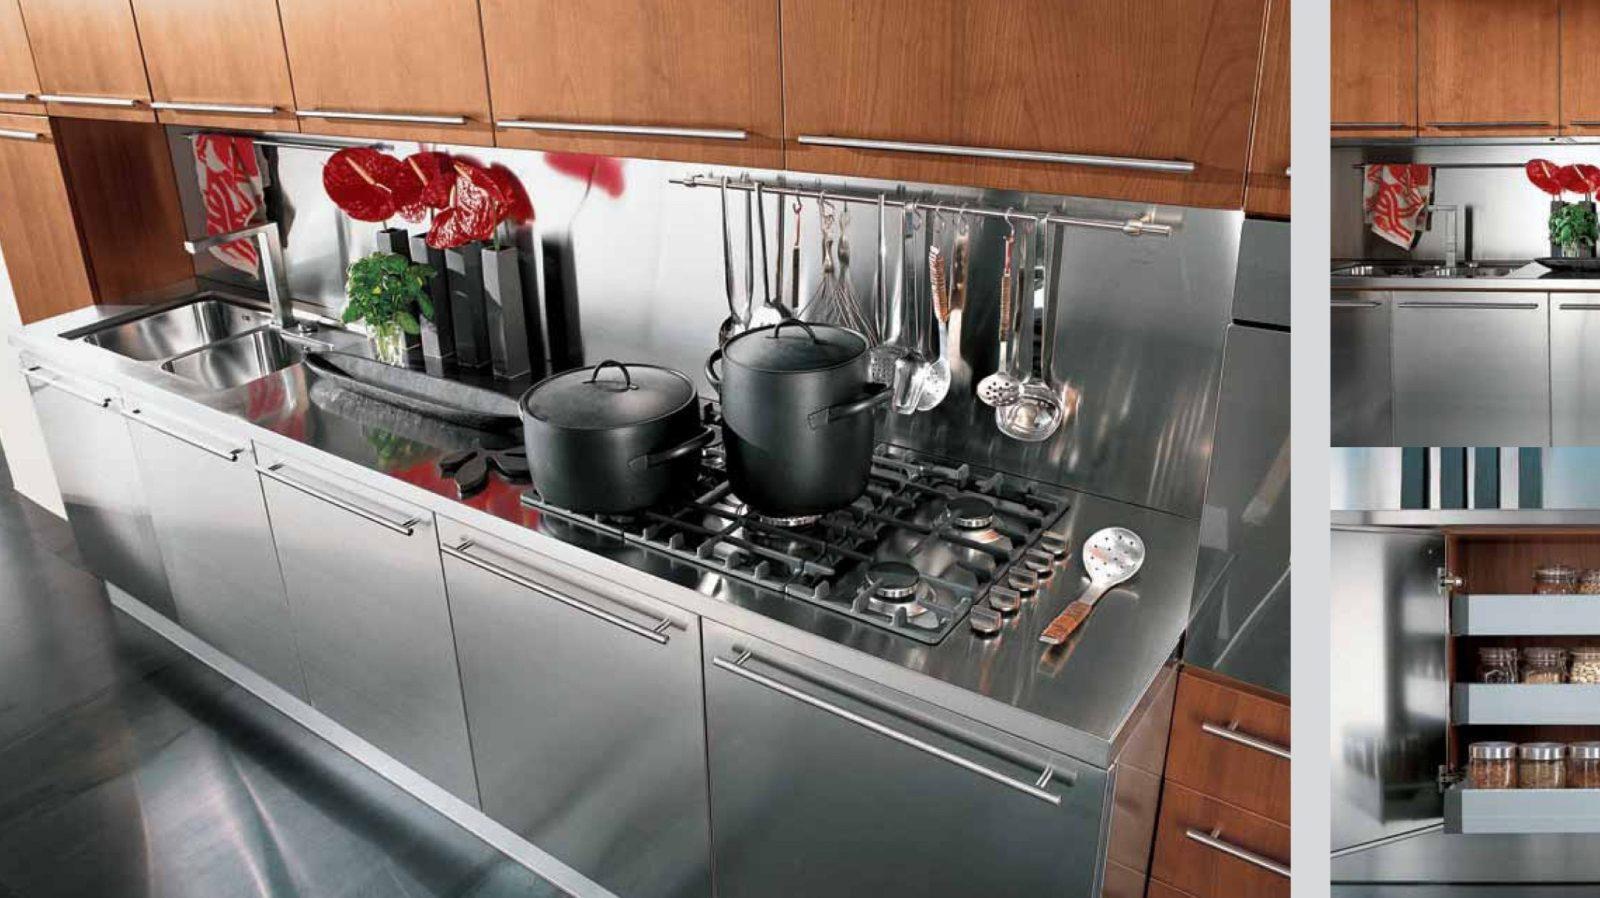 Преимущества кухонного оборудования из нержавеющей стали